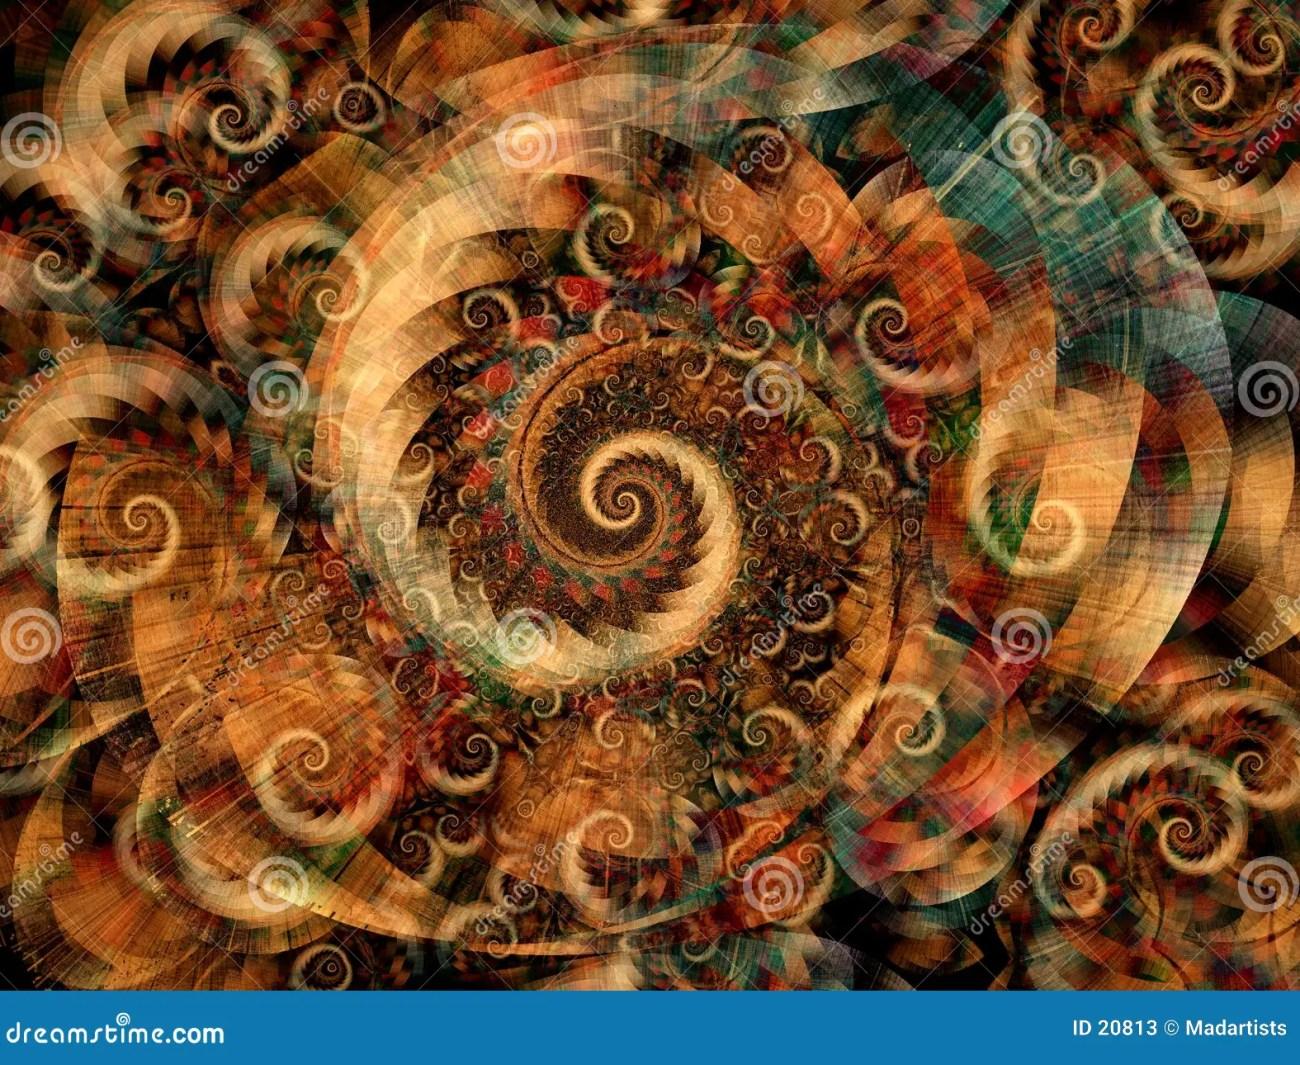 cool fractals swirls spirals stock photos - image: 20813